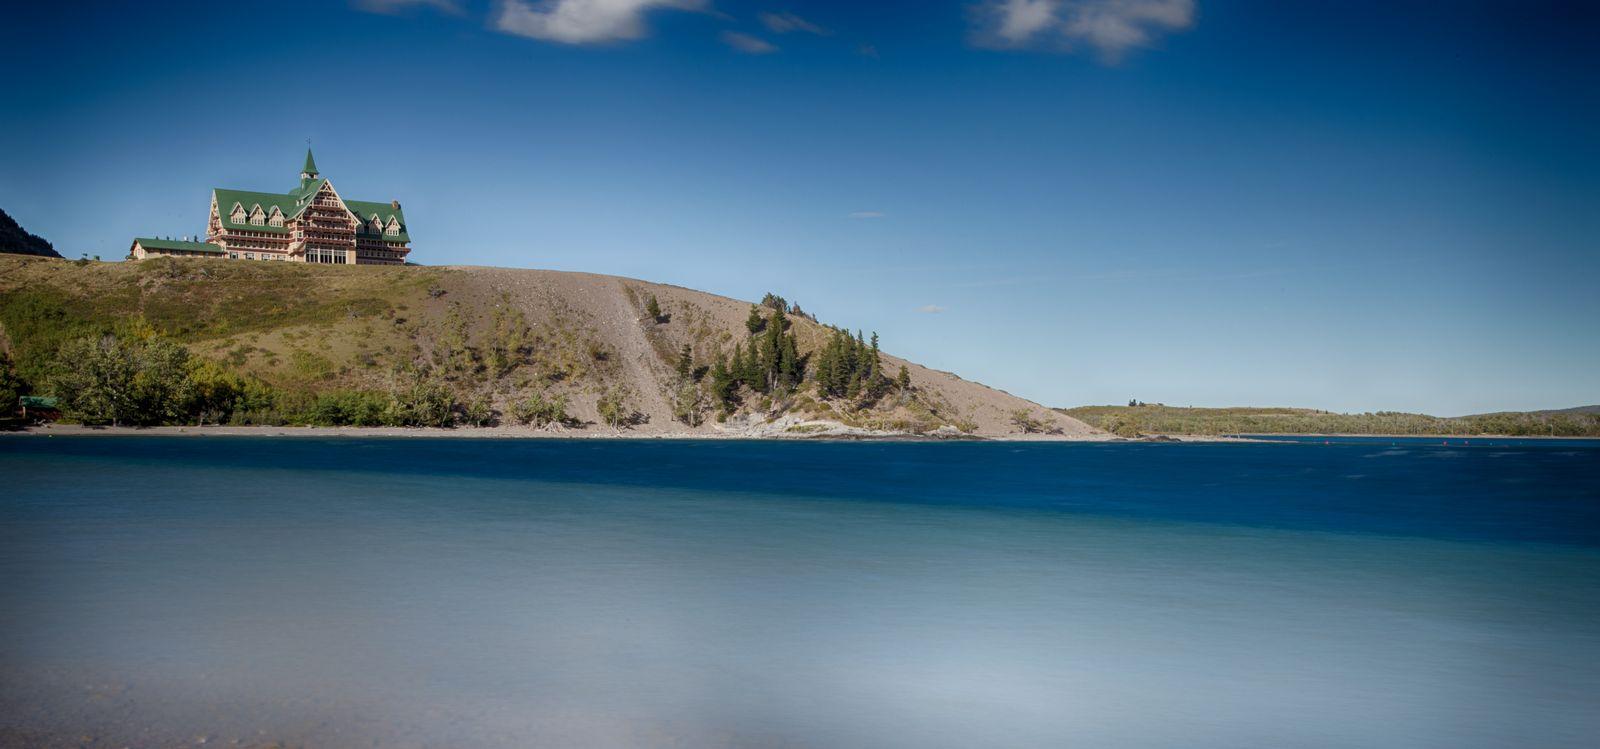 Otro punto de vista para disfrutar de Waterton Lake